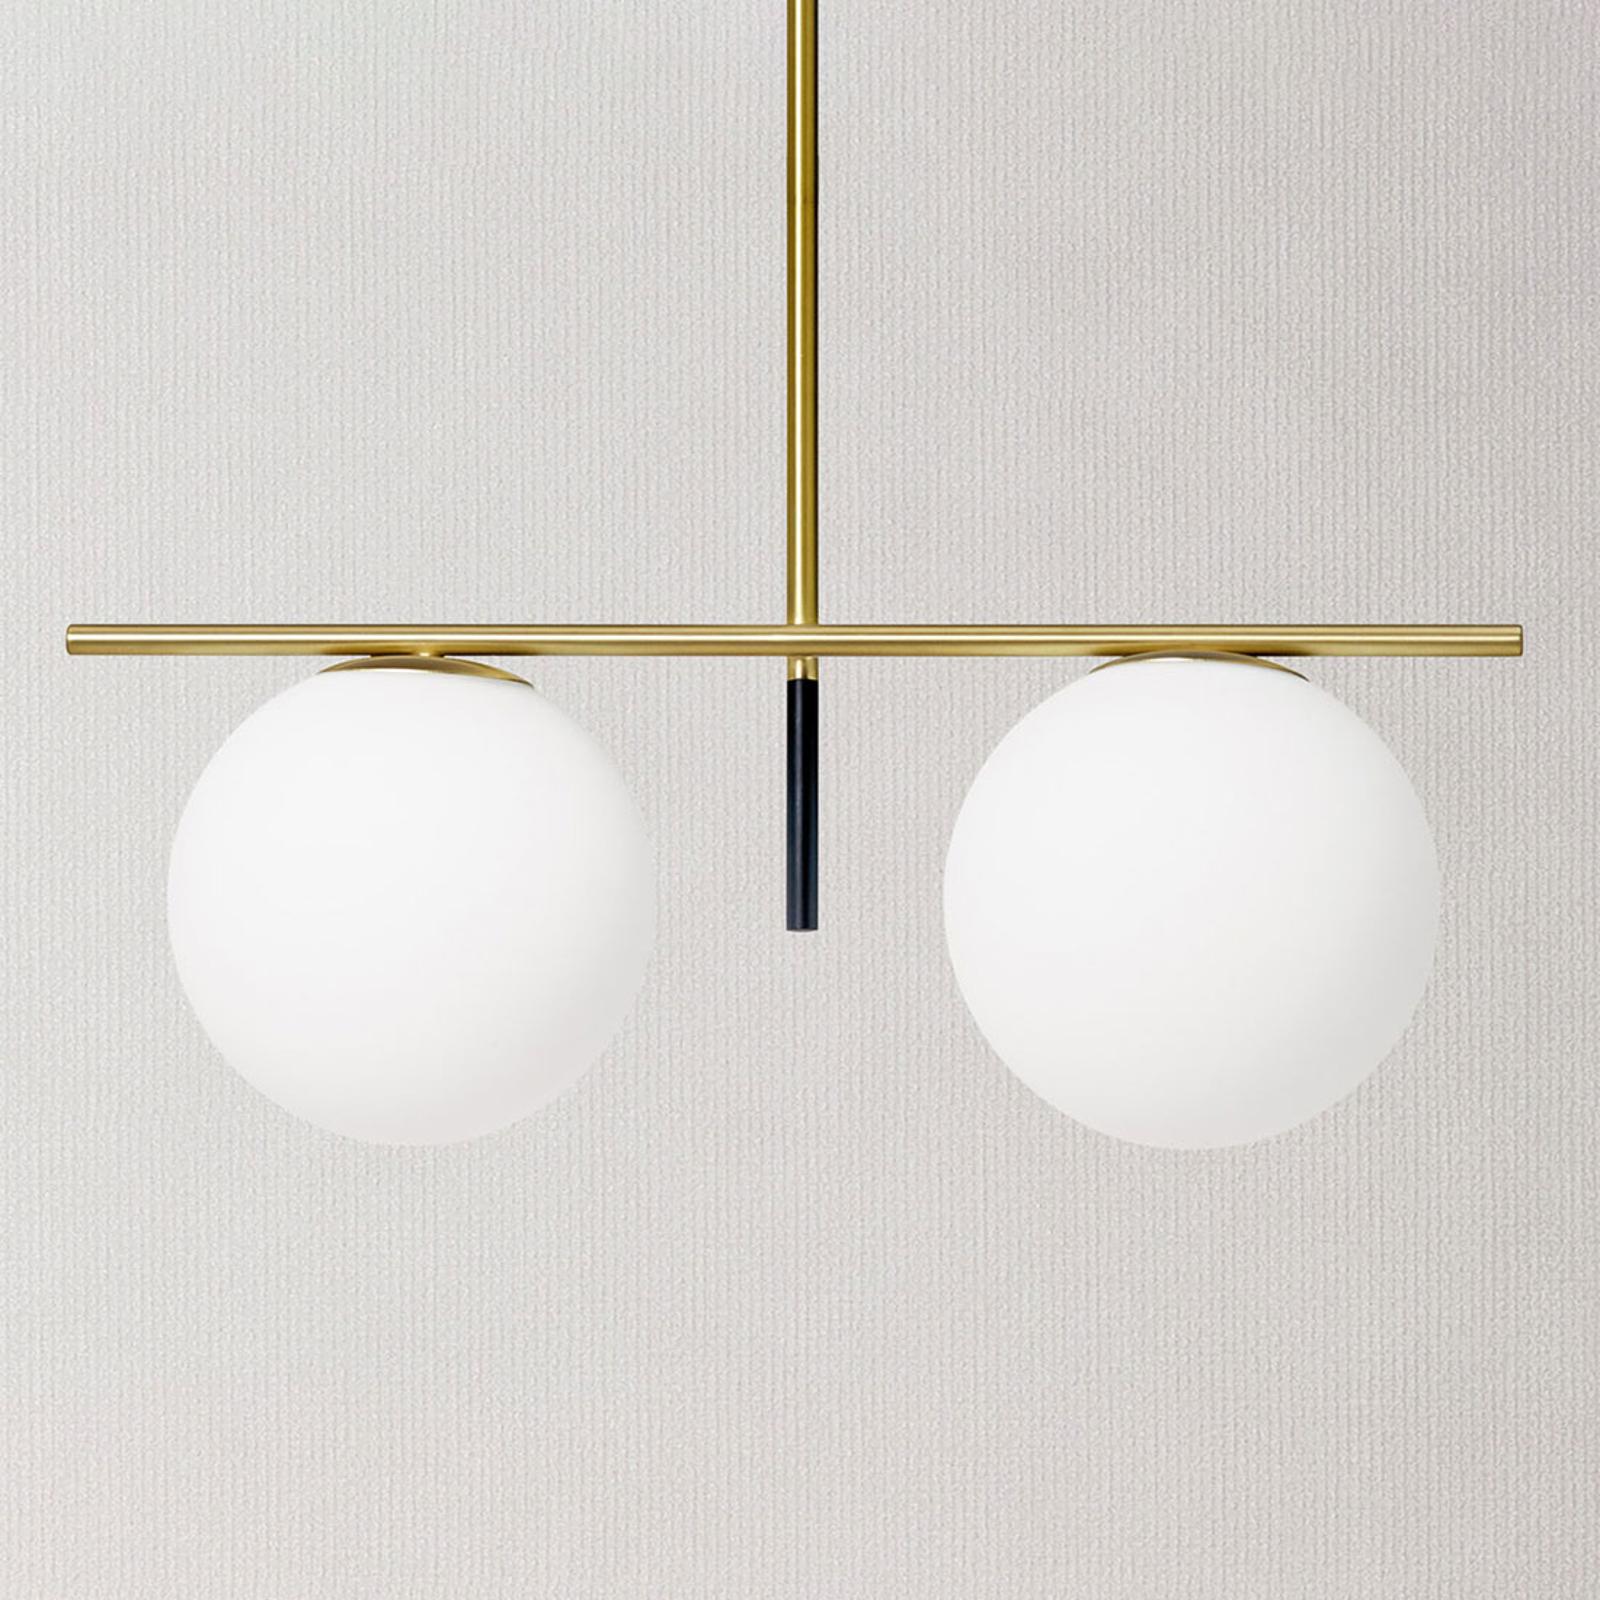 Hanglamp Jugen, 2-lamps